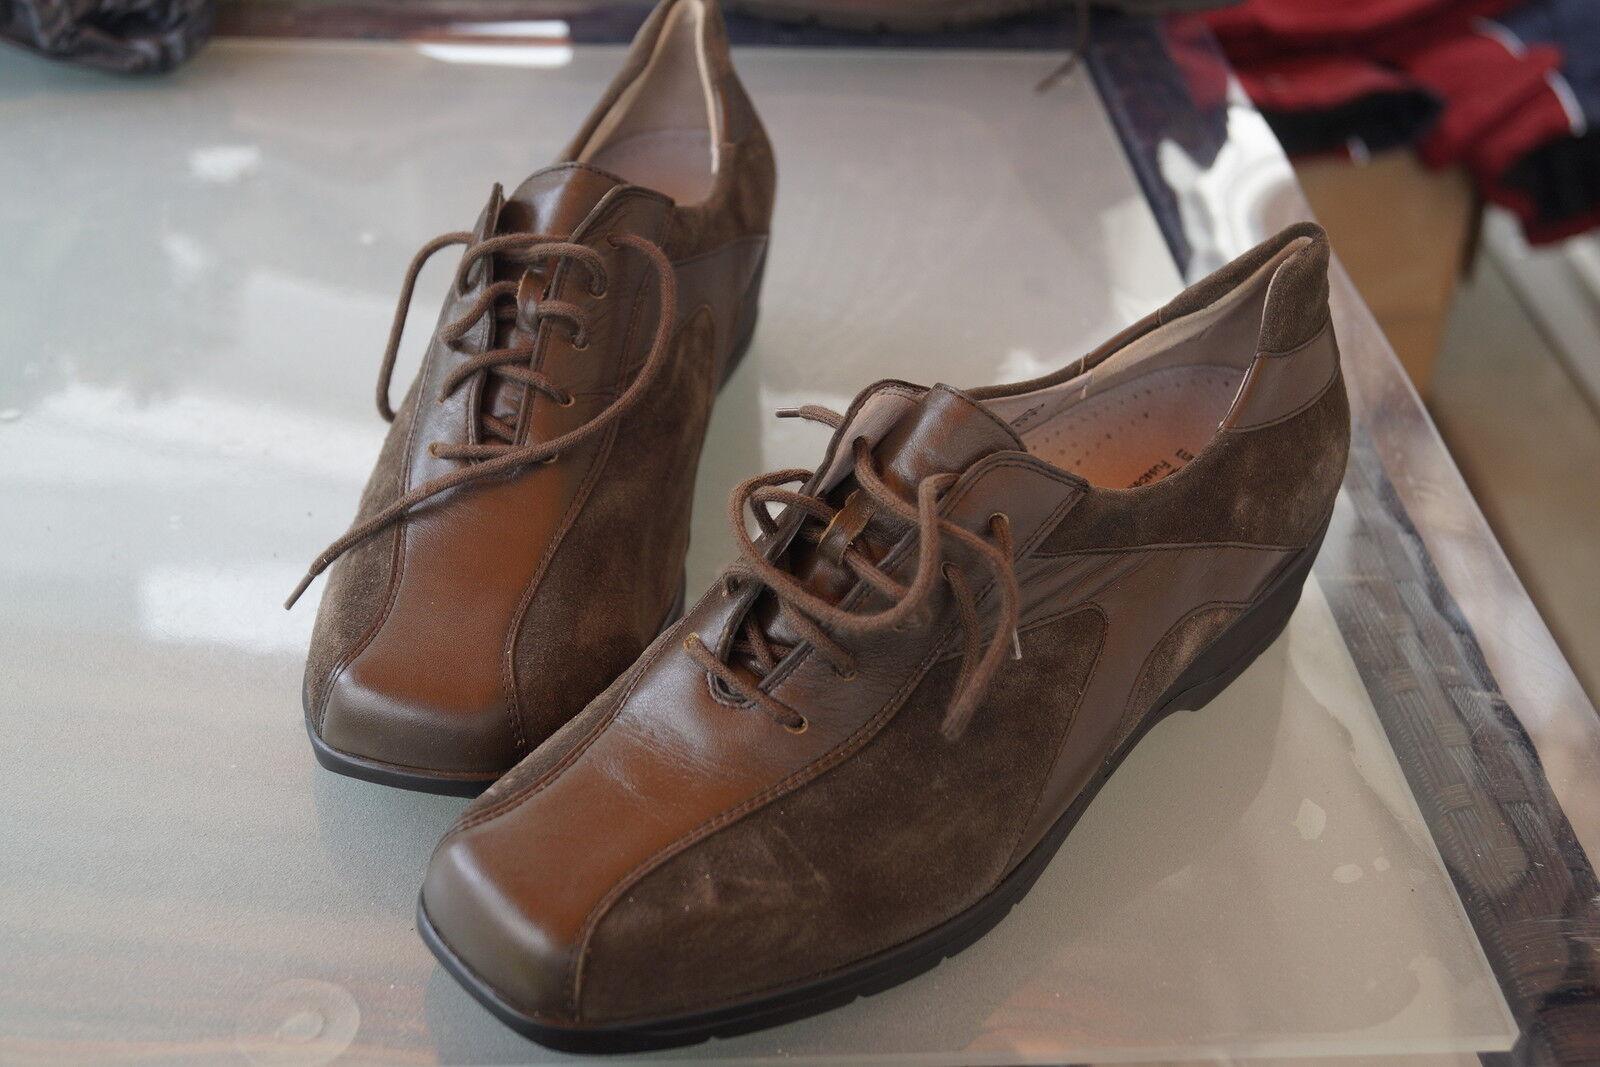 WBLDLÄUFER Damen Comfort Schuhe Schnürschuh Leder Einlagen oliv Gr.6 G / 39,5 40